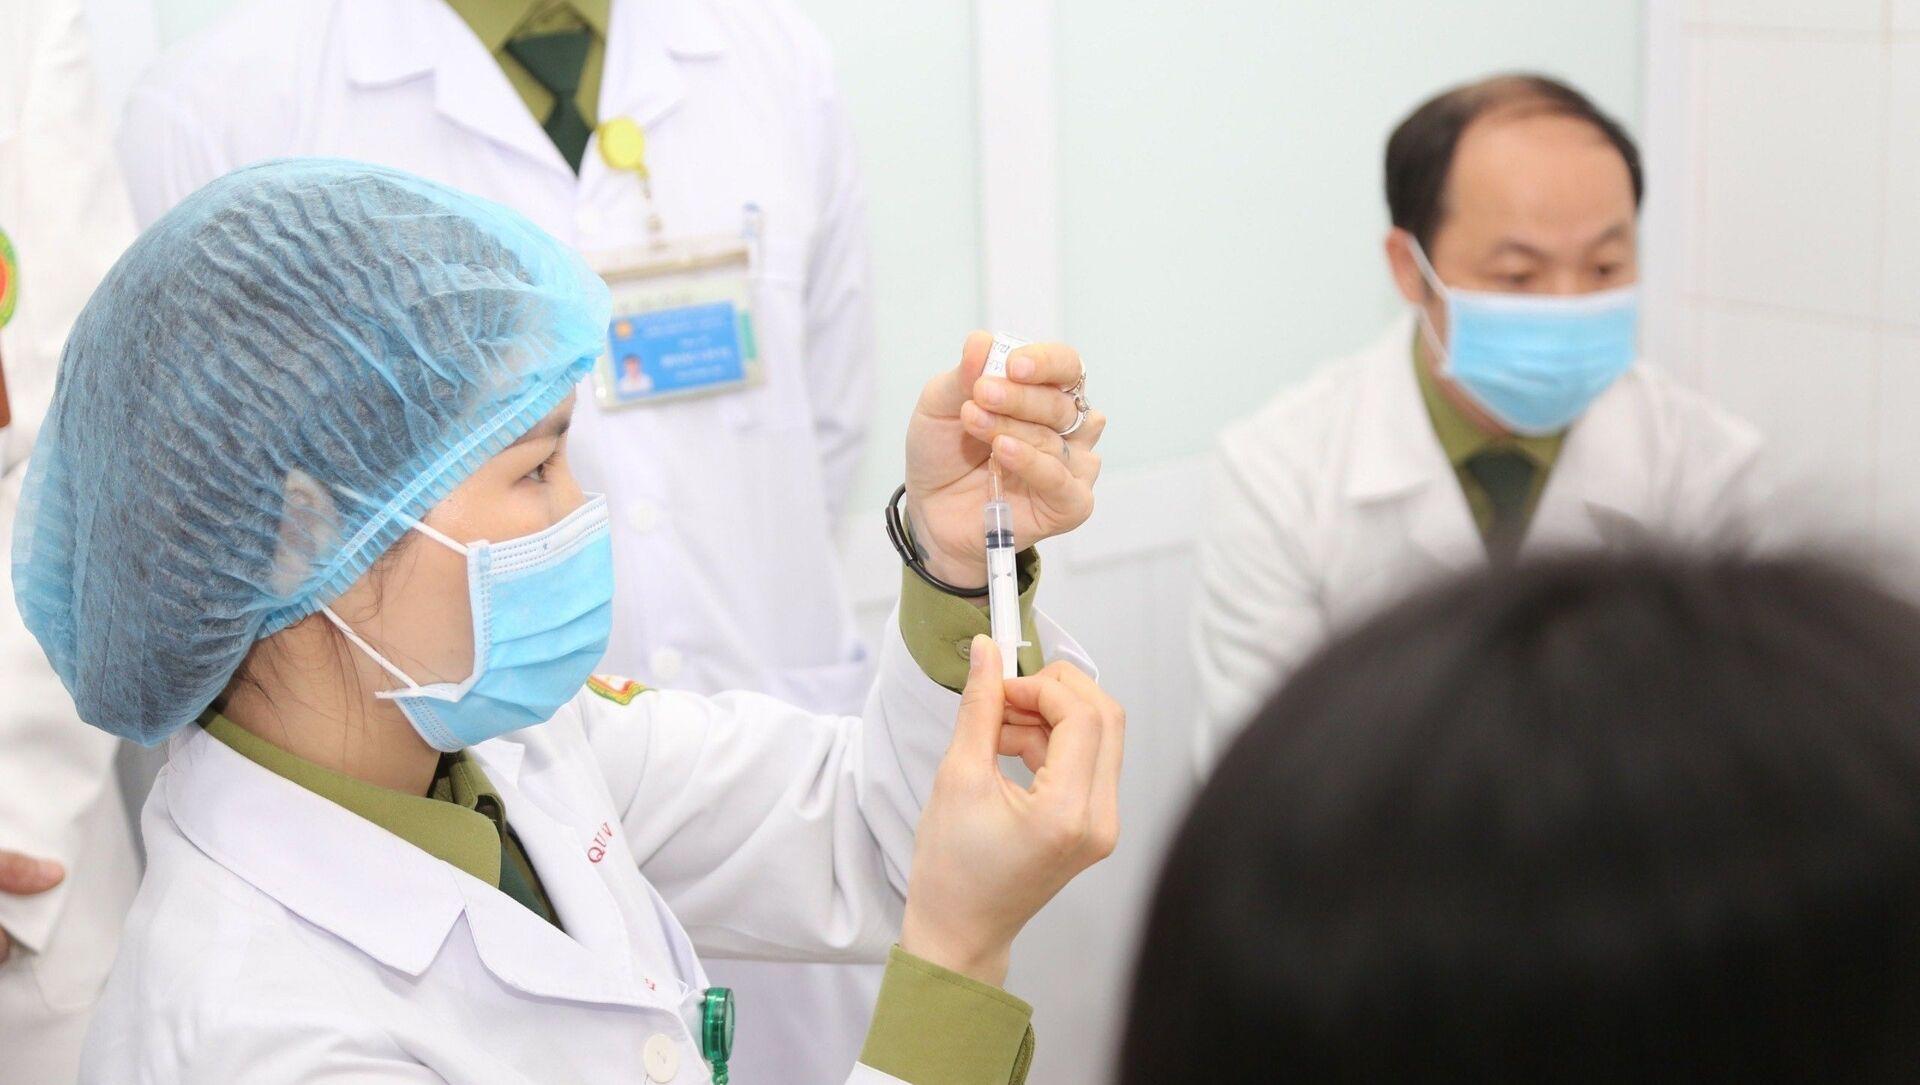 Bác sĩ chuẩn bị tiêm mũi vaccine ngừa COVID-19 Nano Covax nhóm liều 50mcg cho tình nguyện viên. - Sputnik Việt Nam, 1920, 25.02.2021